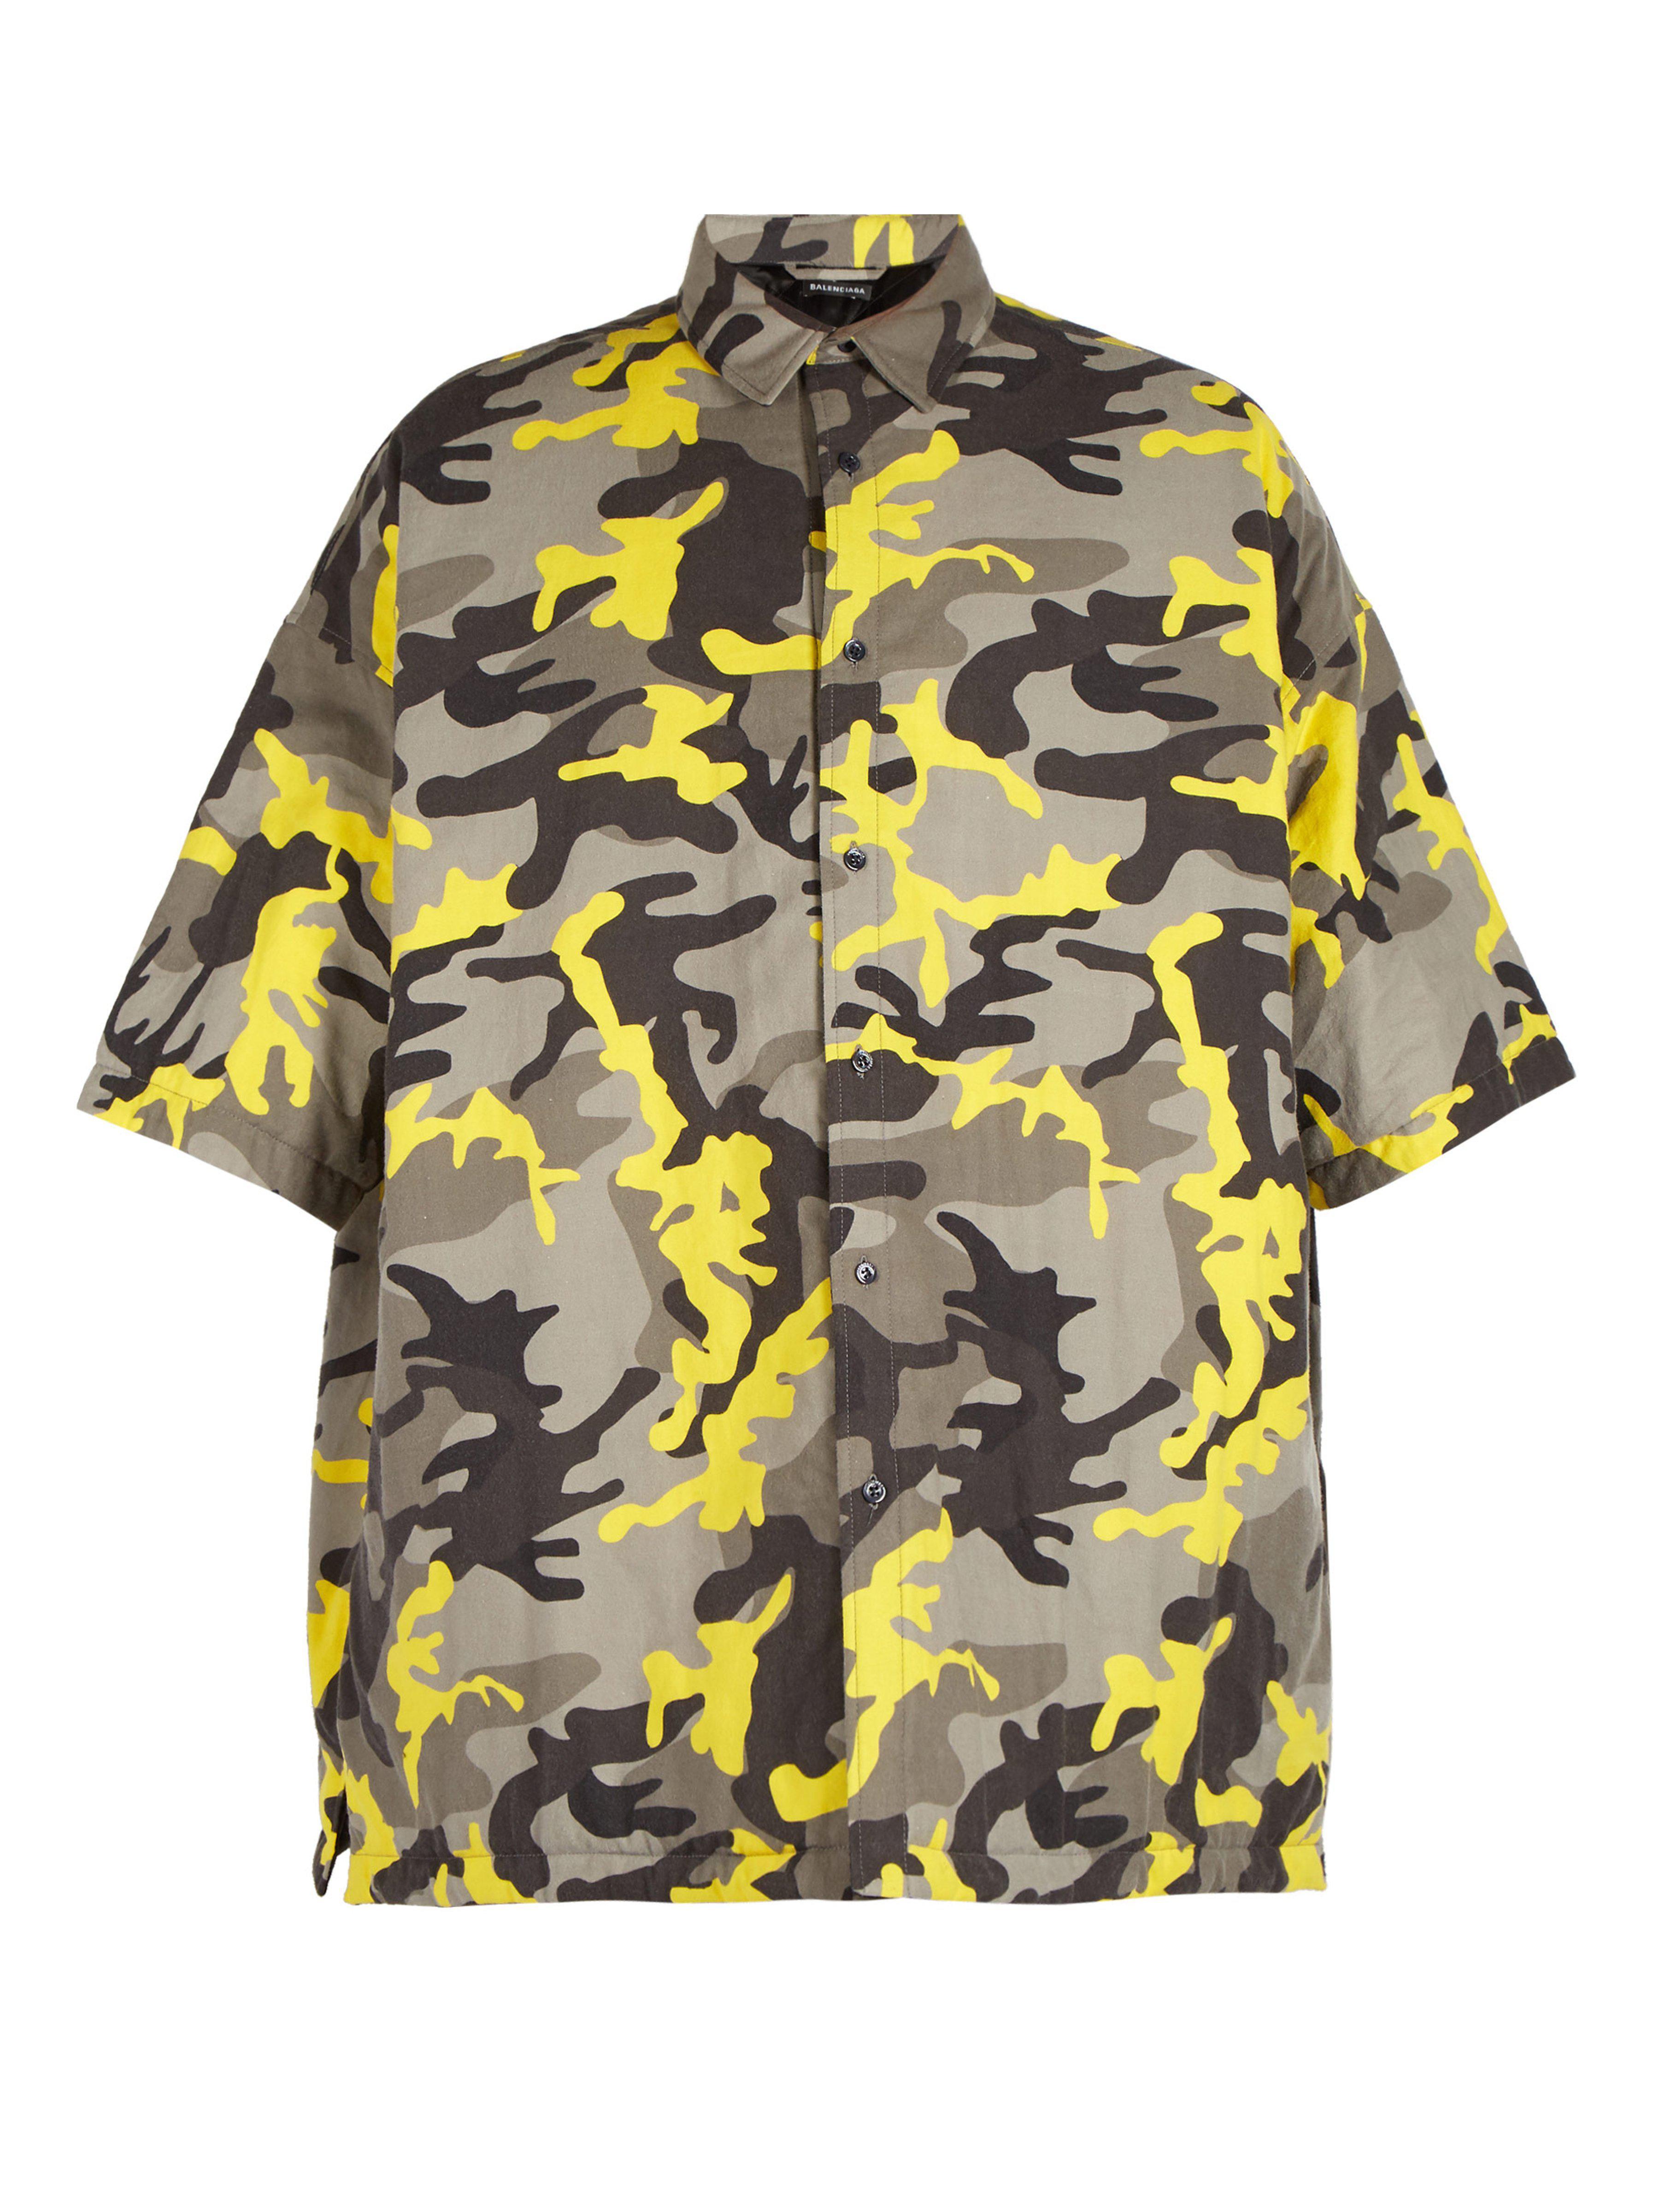 Lyst - Chemise matelassée à imprimé camouflage Balenciaga pour homme ... d85a643e6d1